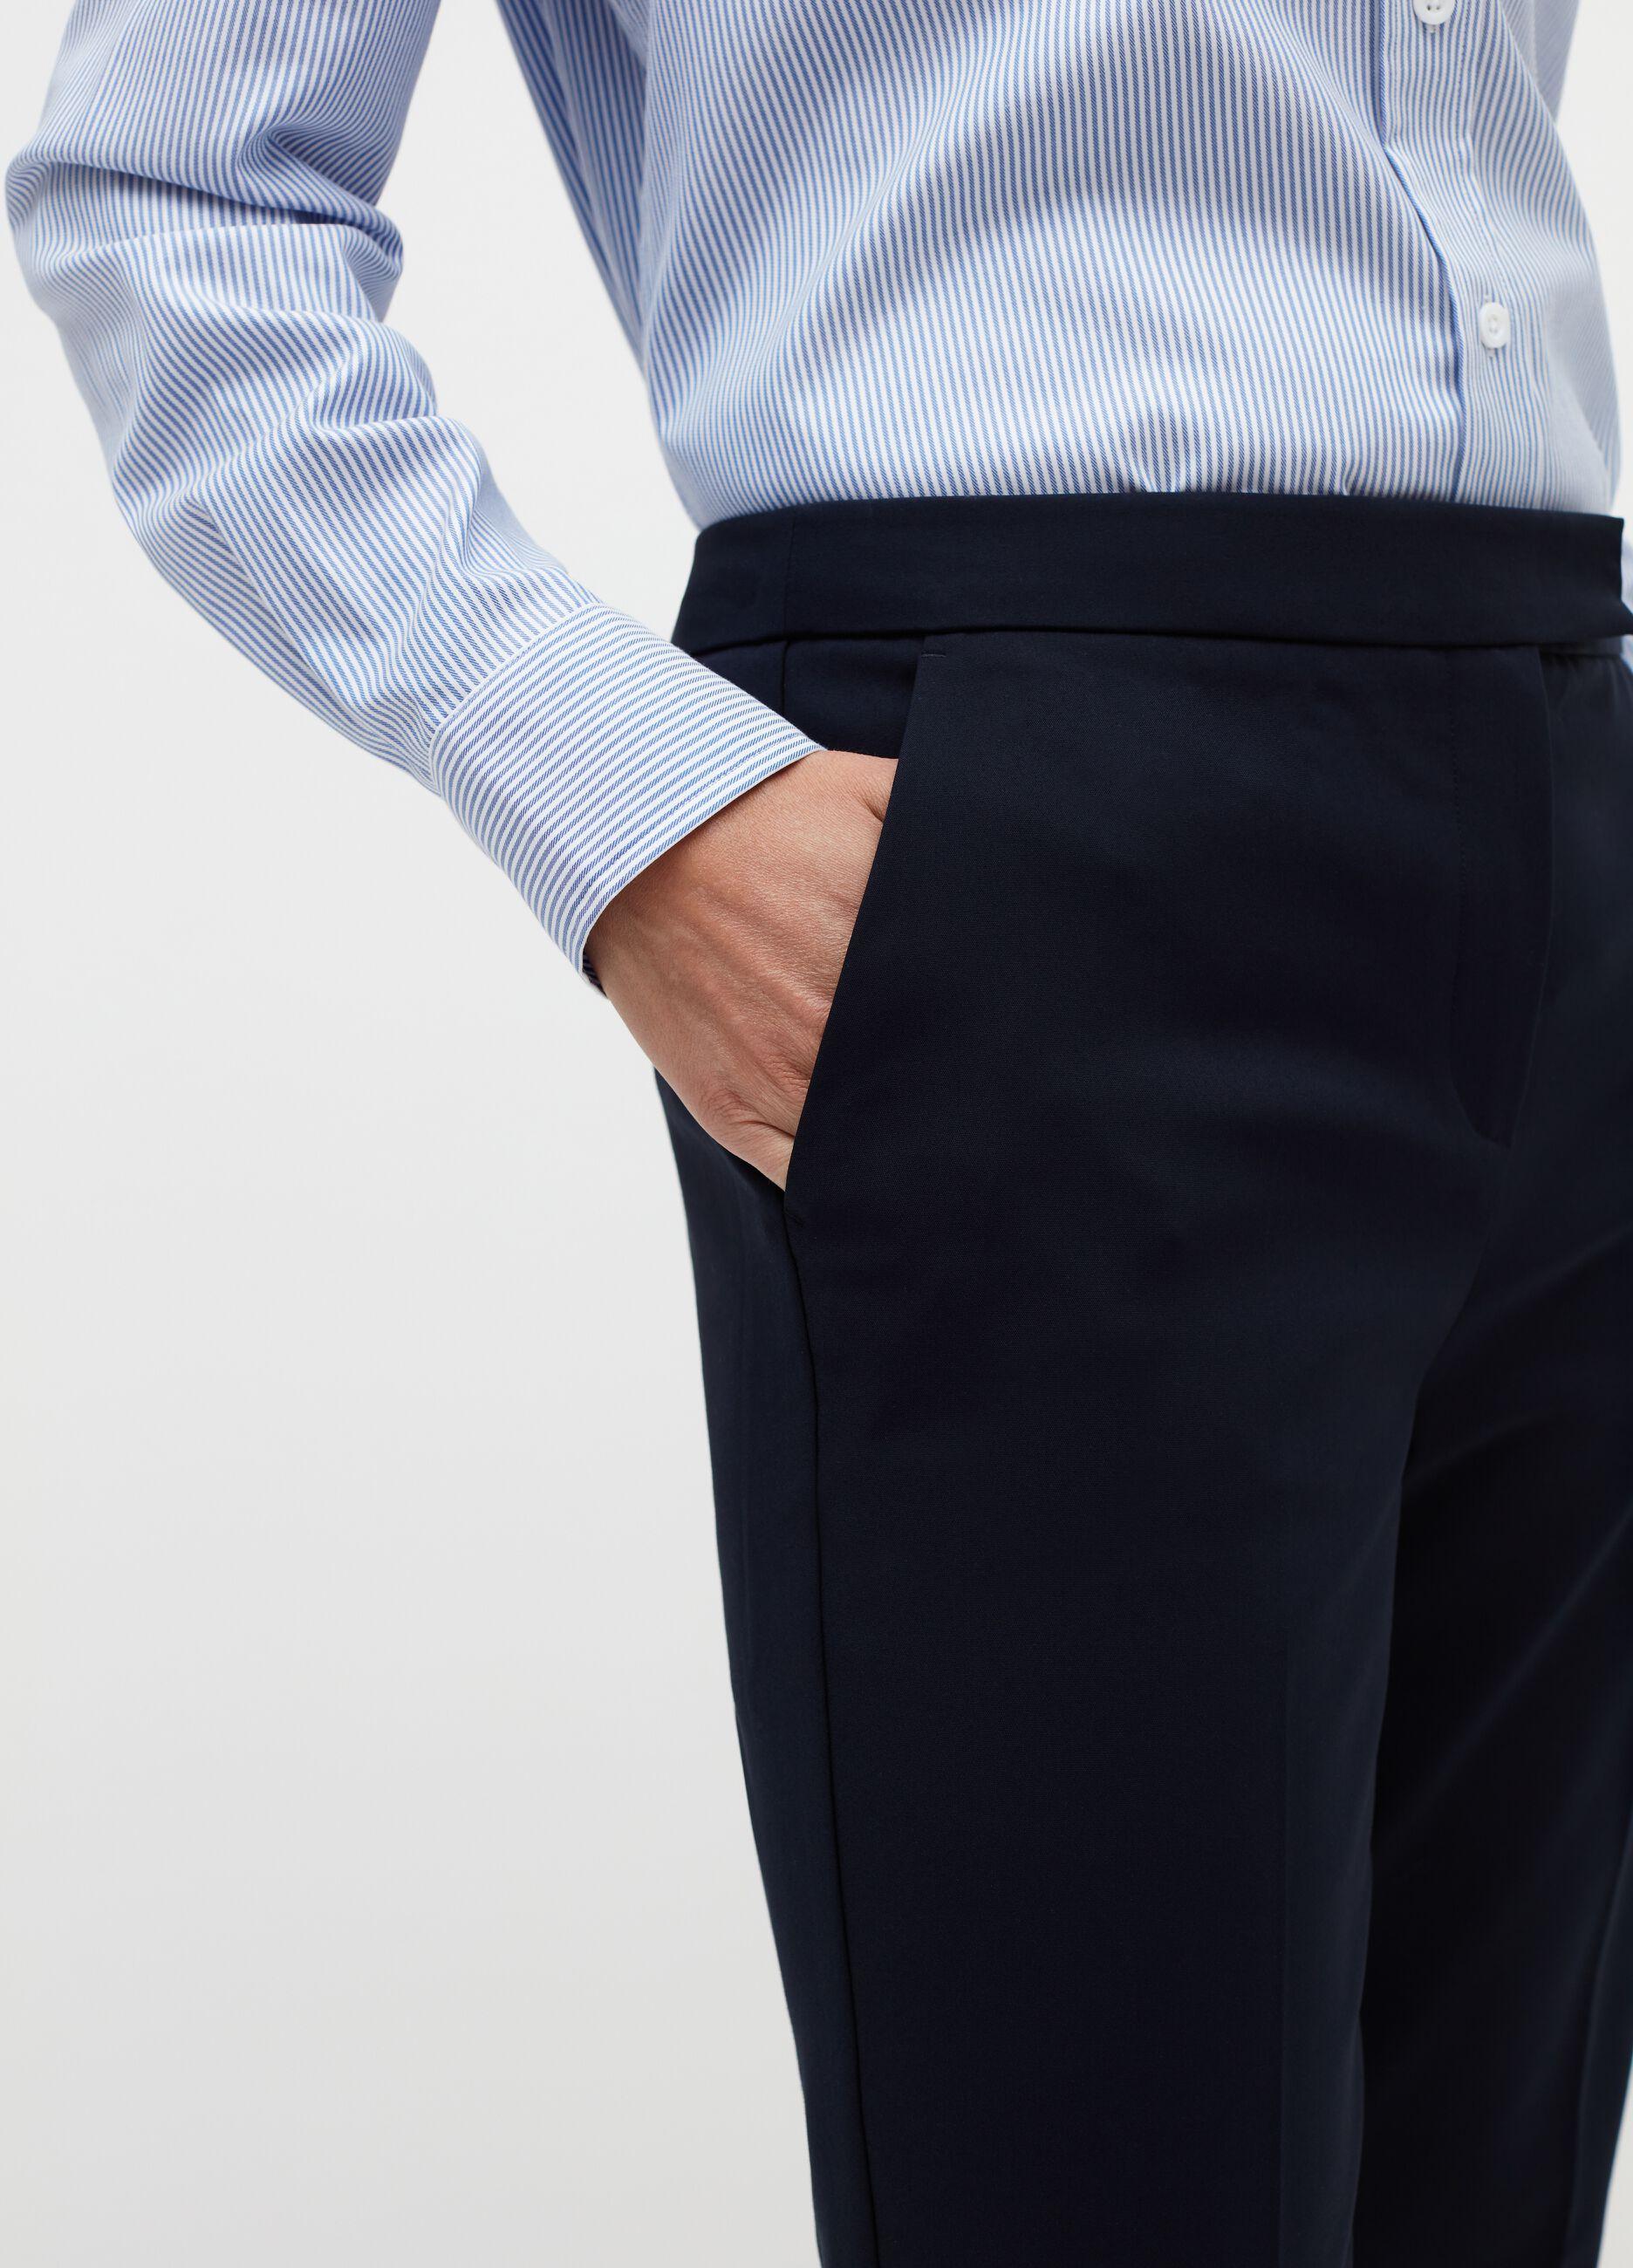 Pantalone in tessuto strutturato Blu